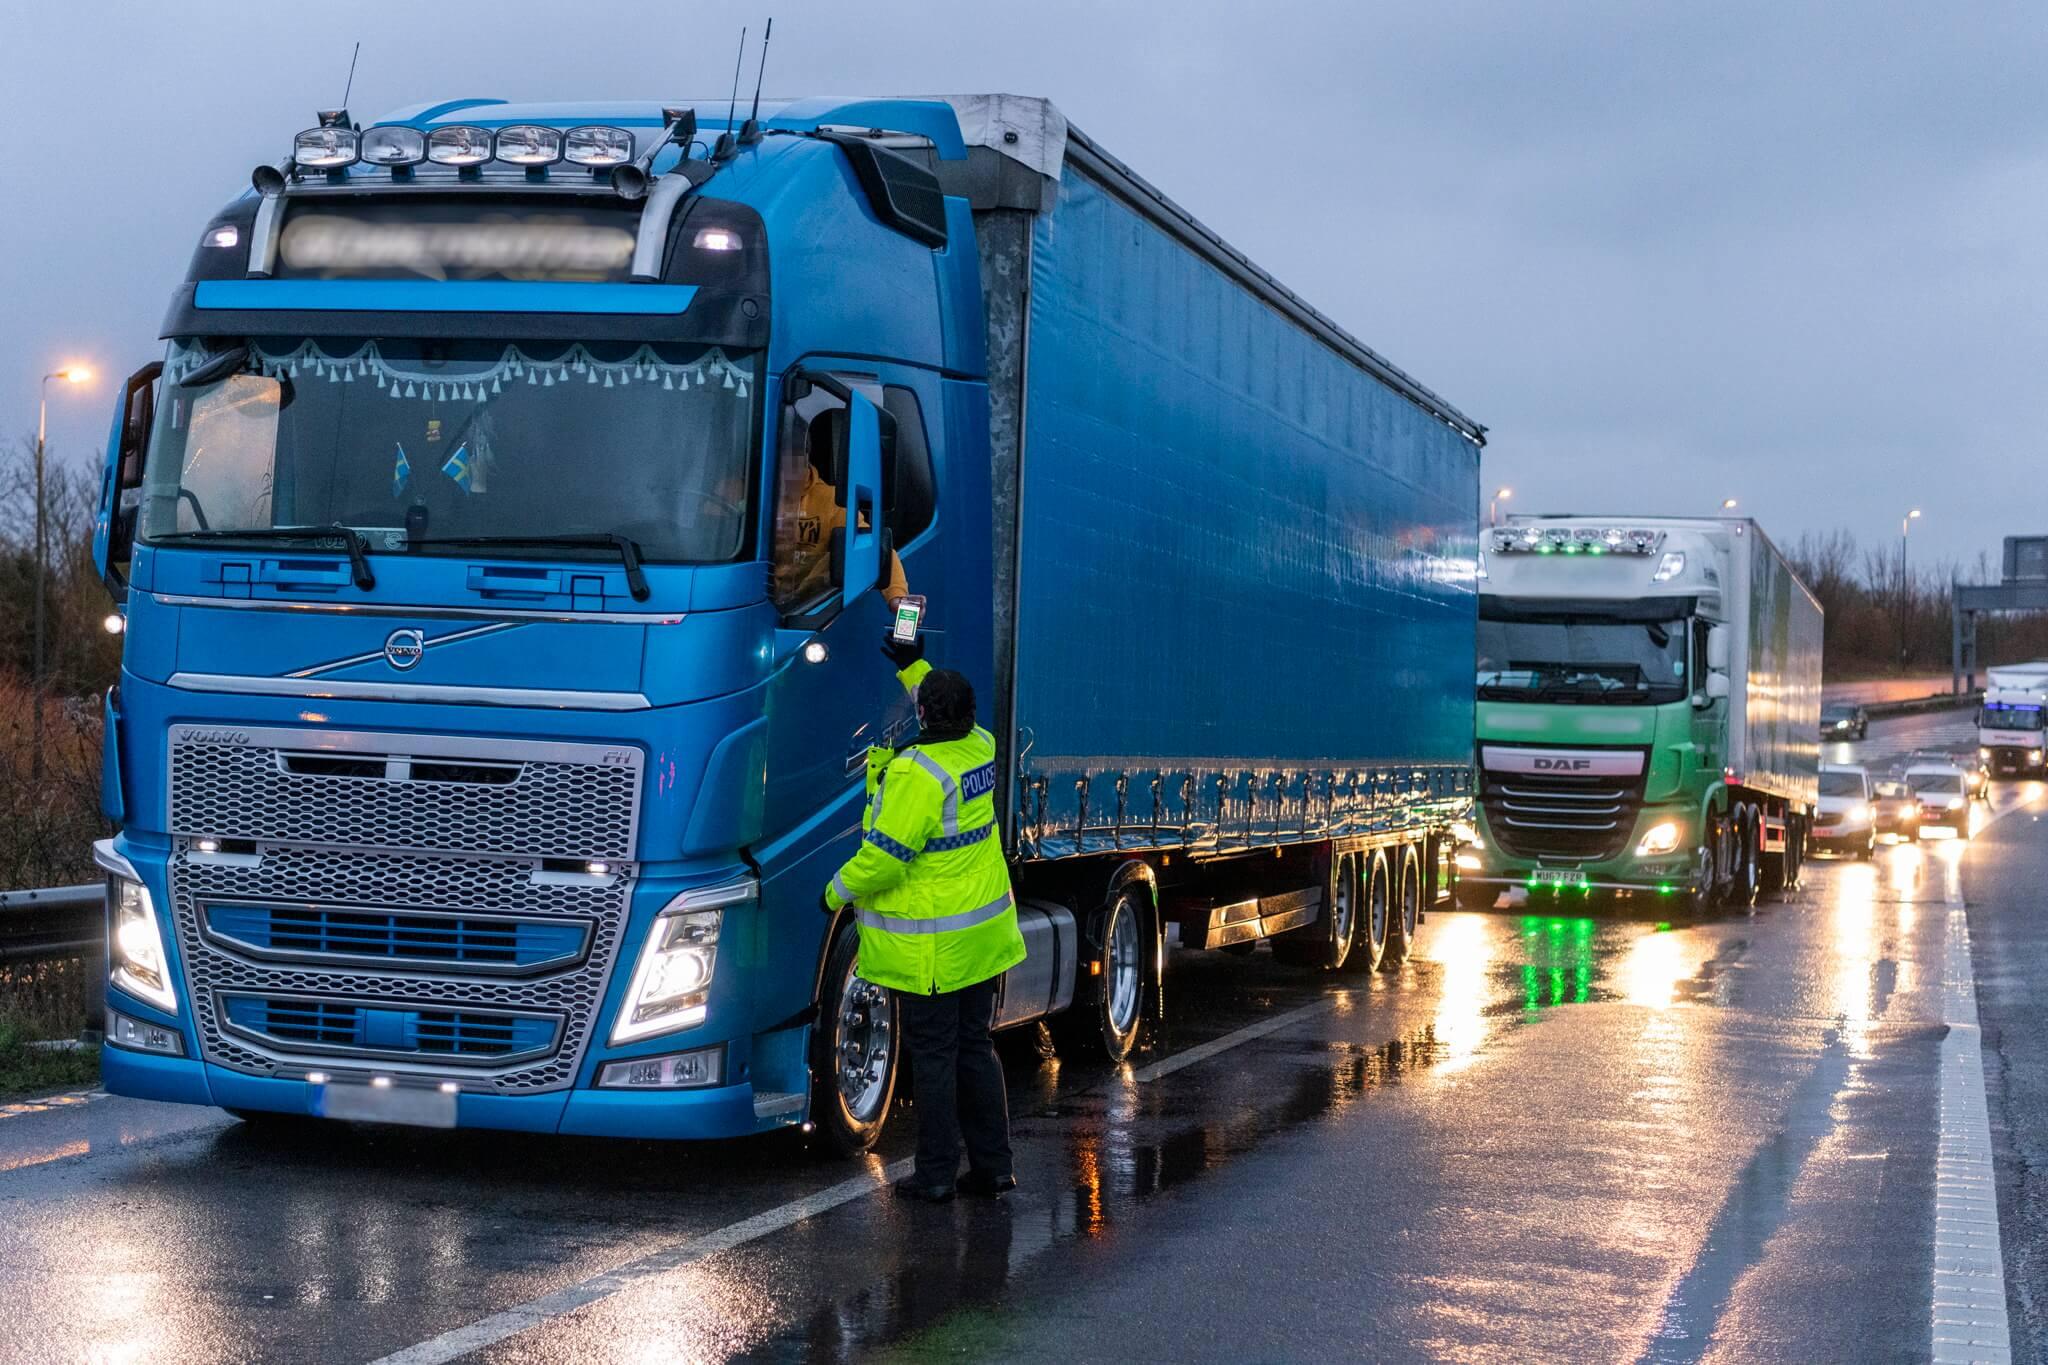 Prawie 200 kierowców ukaranych za złe parkowanie w Kent. Mandaty i blokady na kołach